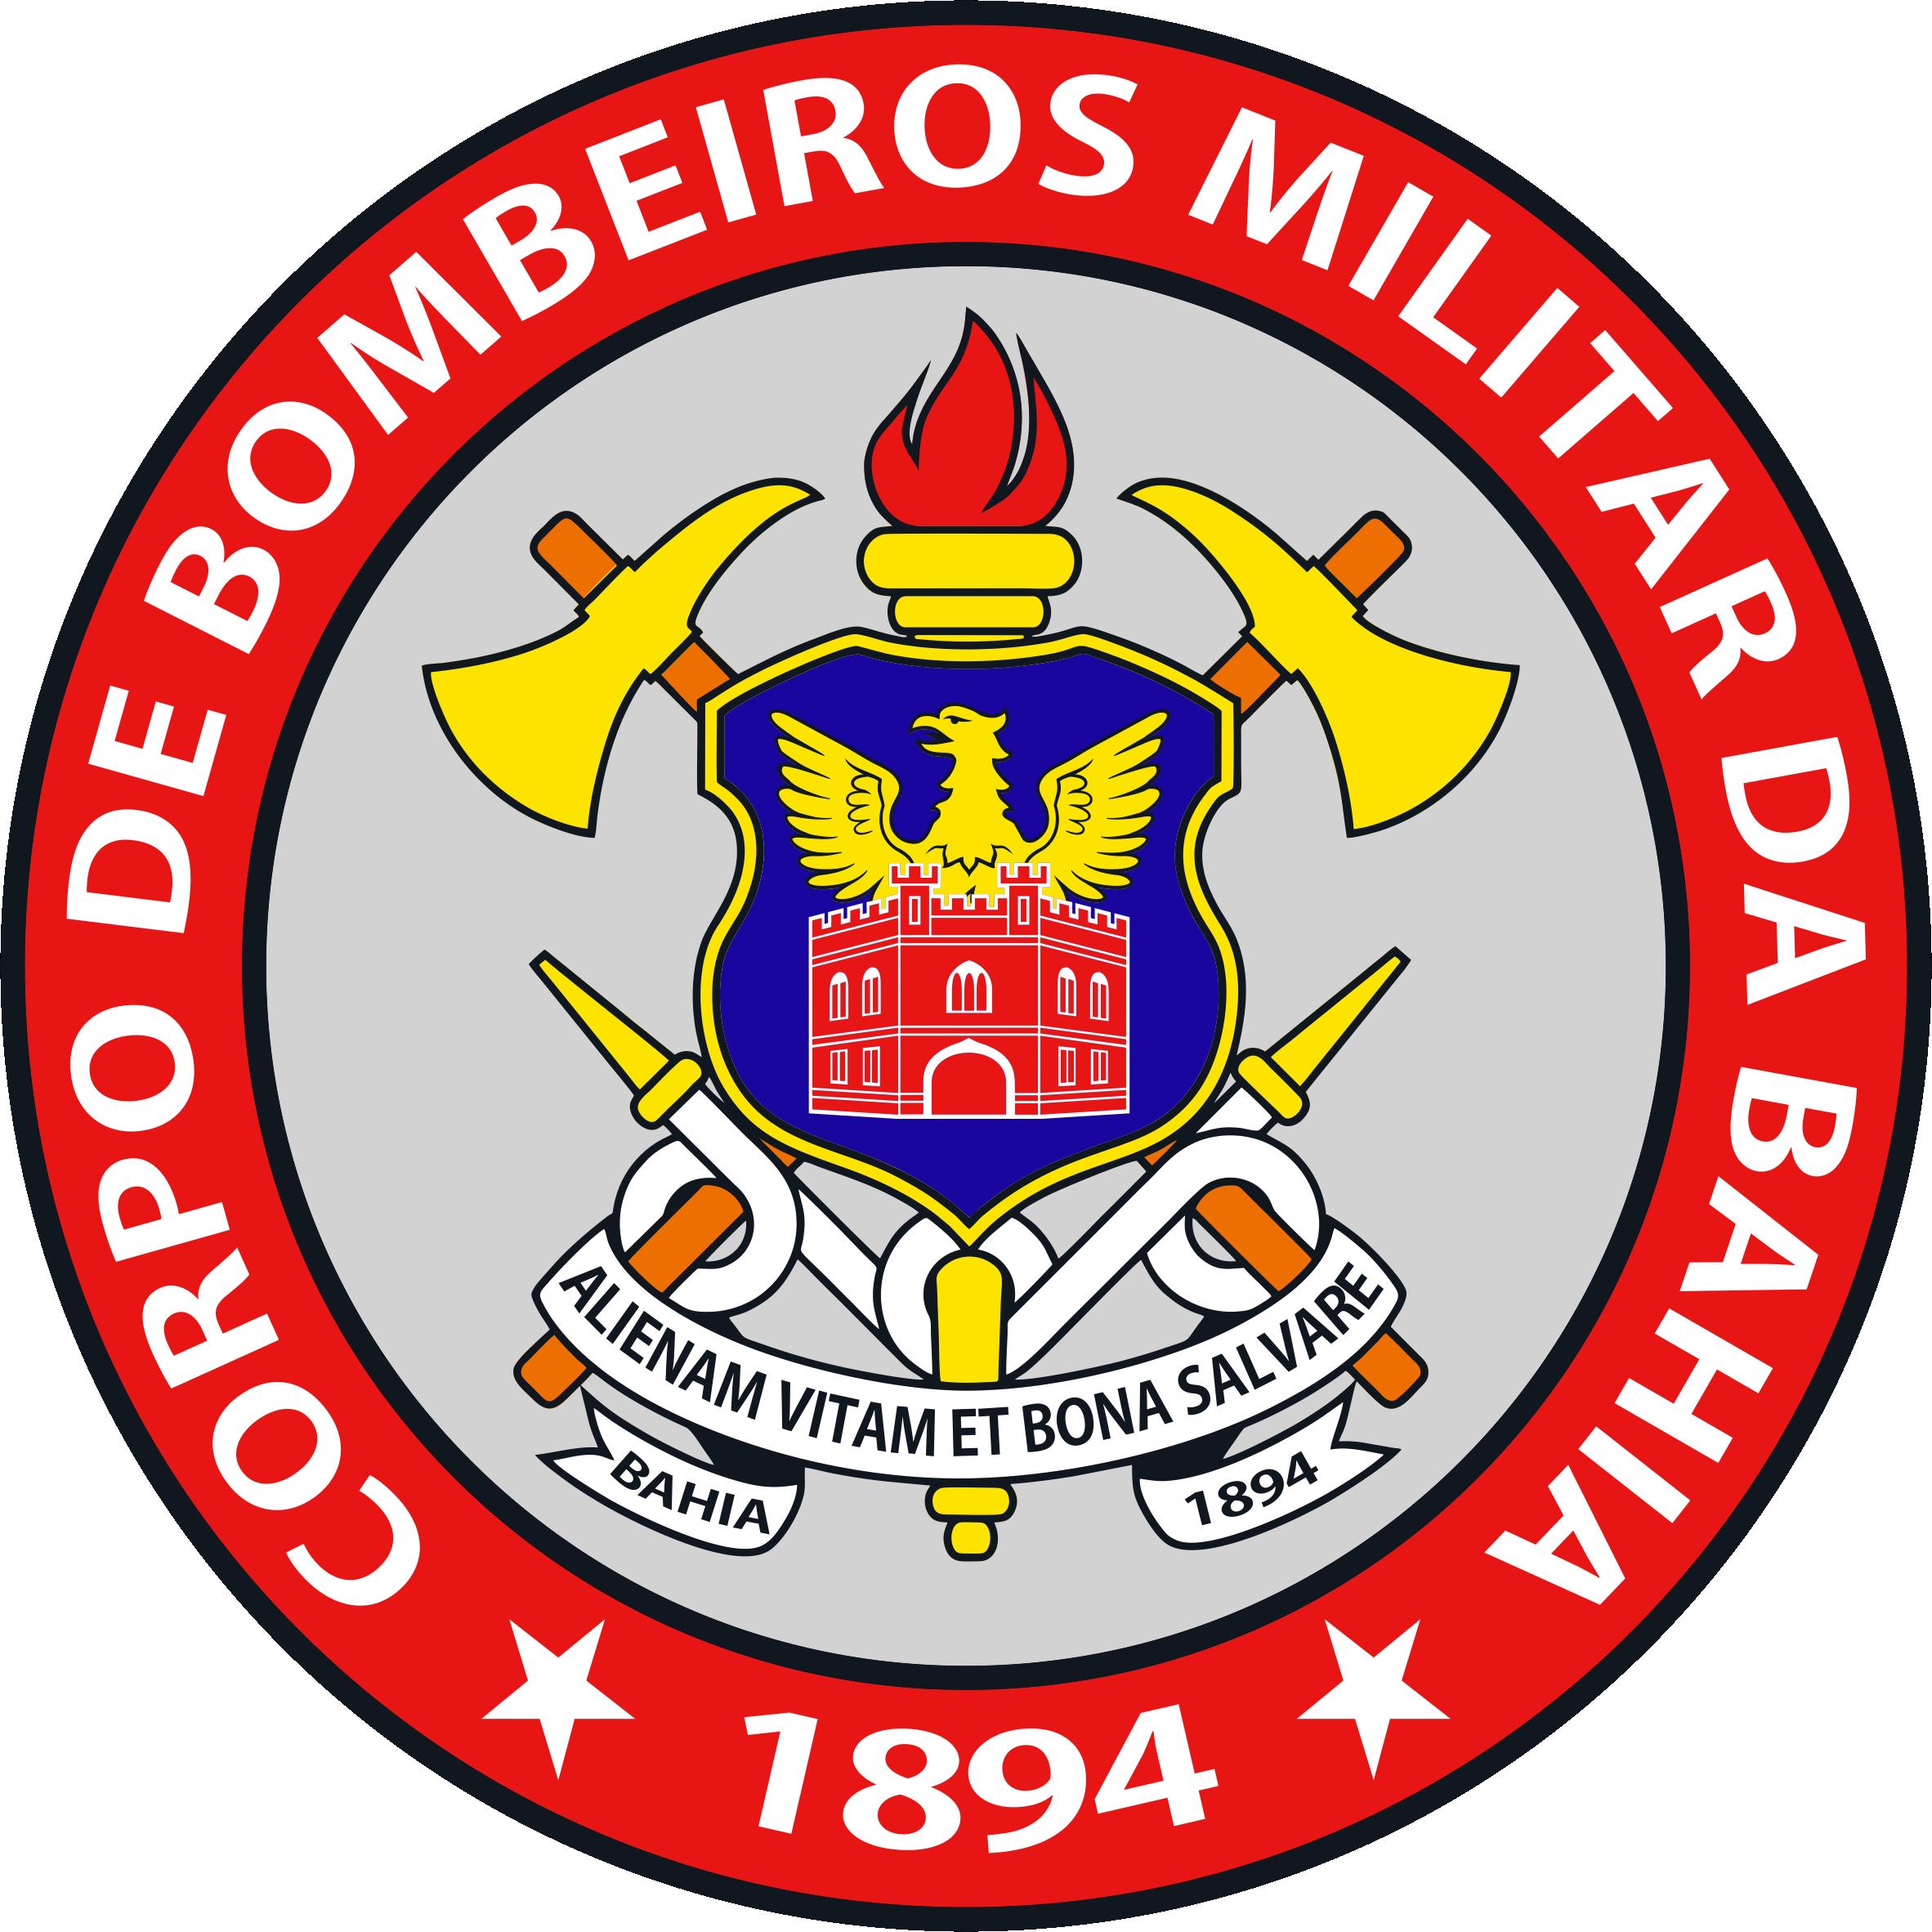 Resultado de imagem para POLICIA MILITAR DA BAHIA E CORPO DE BOMBEIRO DA BAHIA